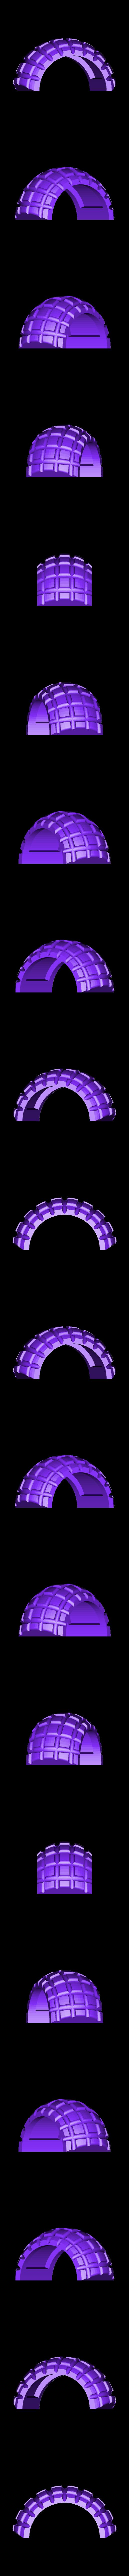 foot_rubber.stl Télécharger fichier STL gratuit RoboDog v1.0 • Modèle pour imprimante 3D, robolab19